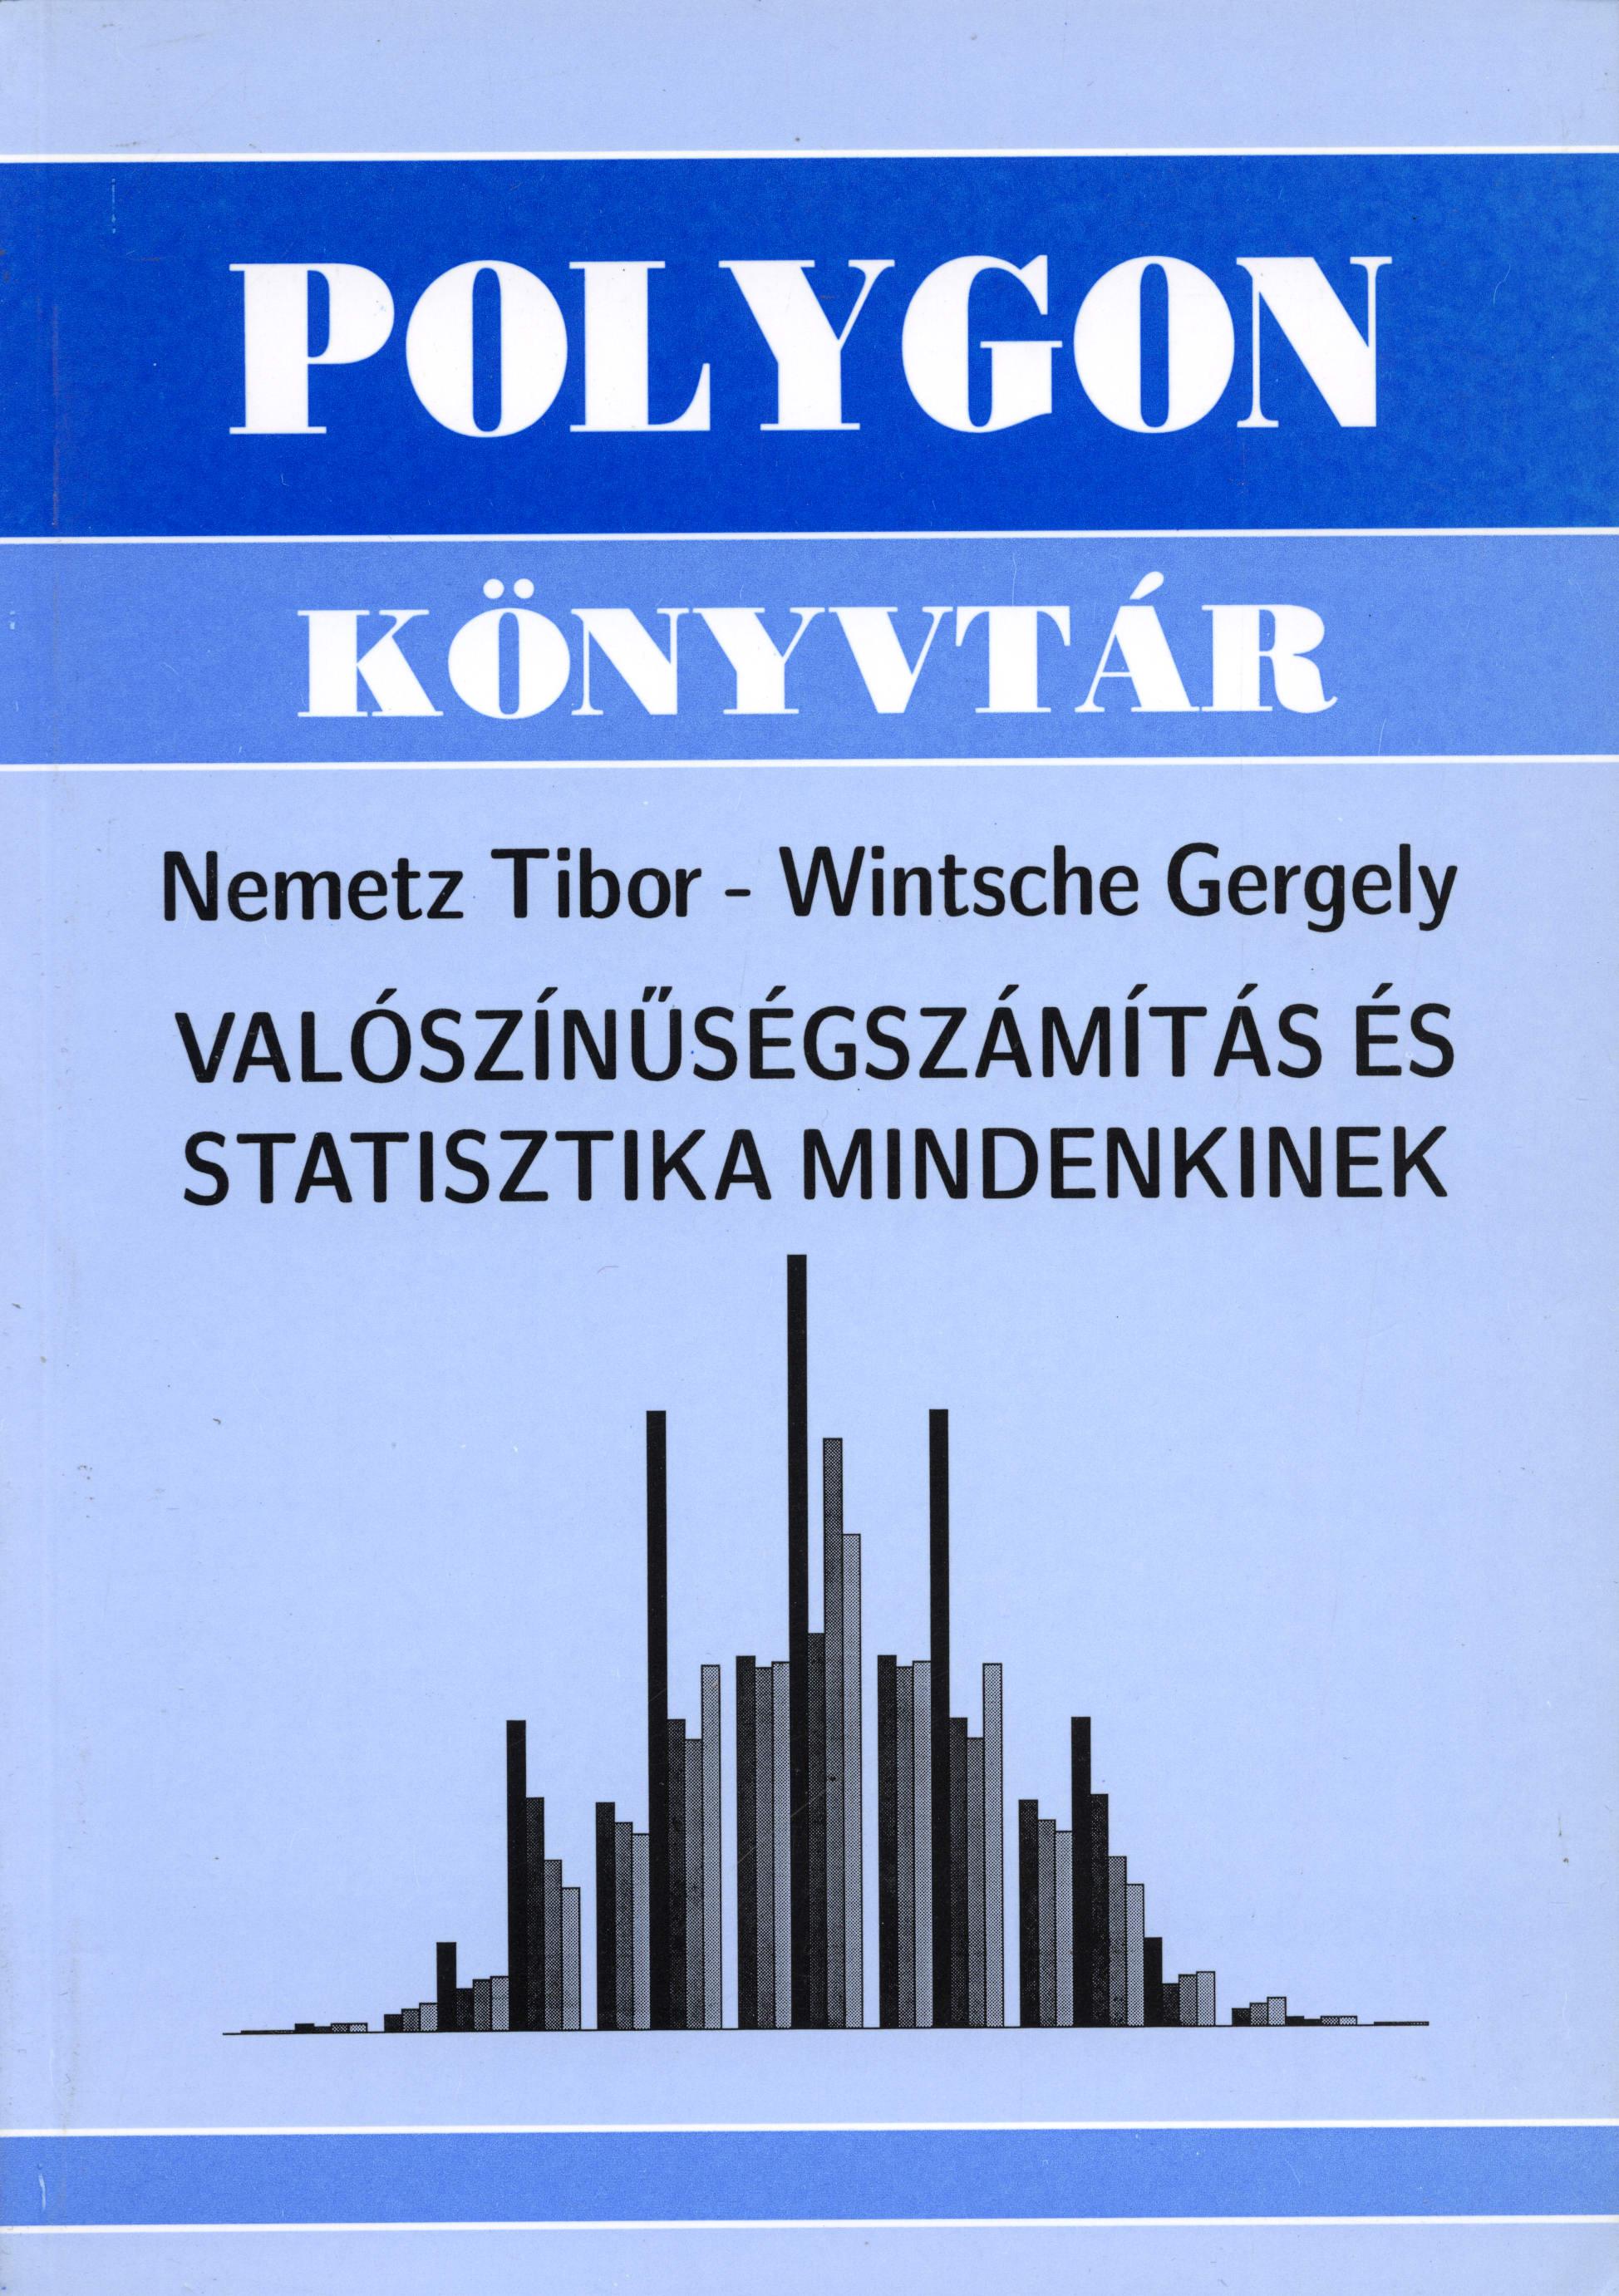 Valószínűségszámítás és statisztika mindenkinek - Polygon jegyzet